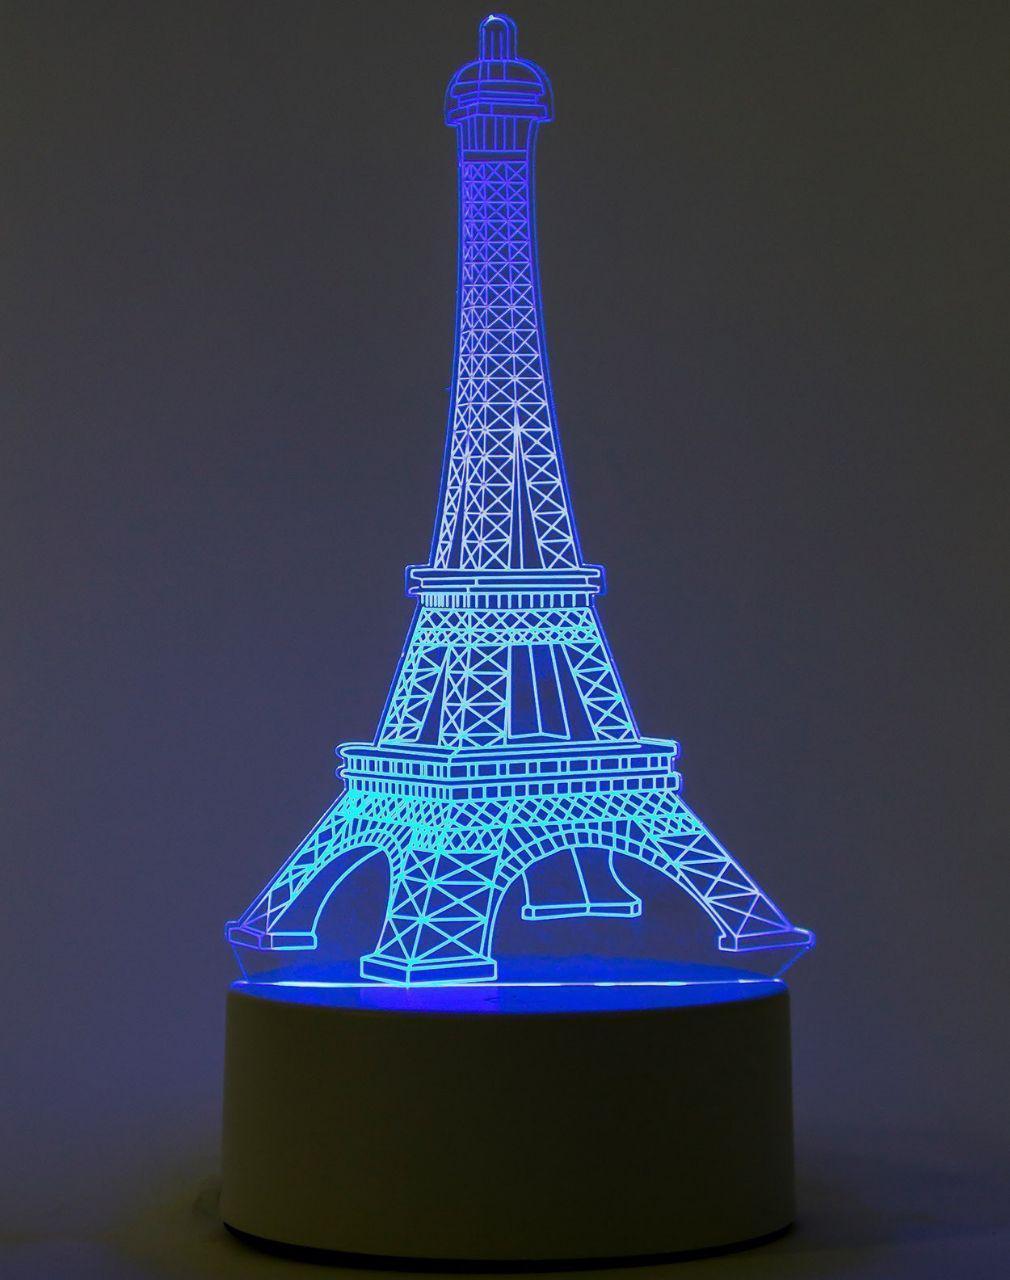 3D Ночник светильник Эйфелева башня 7 цветов 3D лампа-светильник LED ночник 3d башня иллюзия LED свет USB